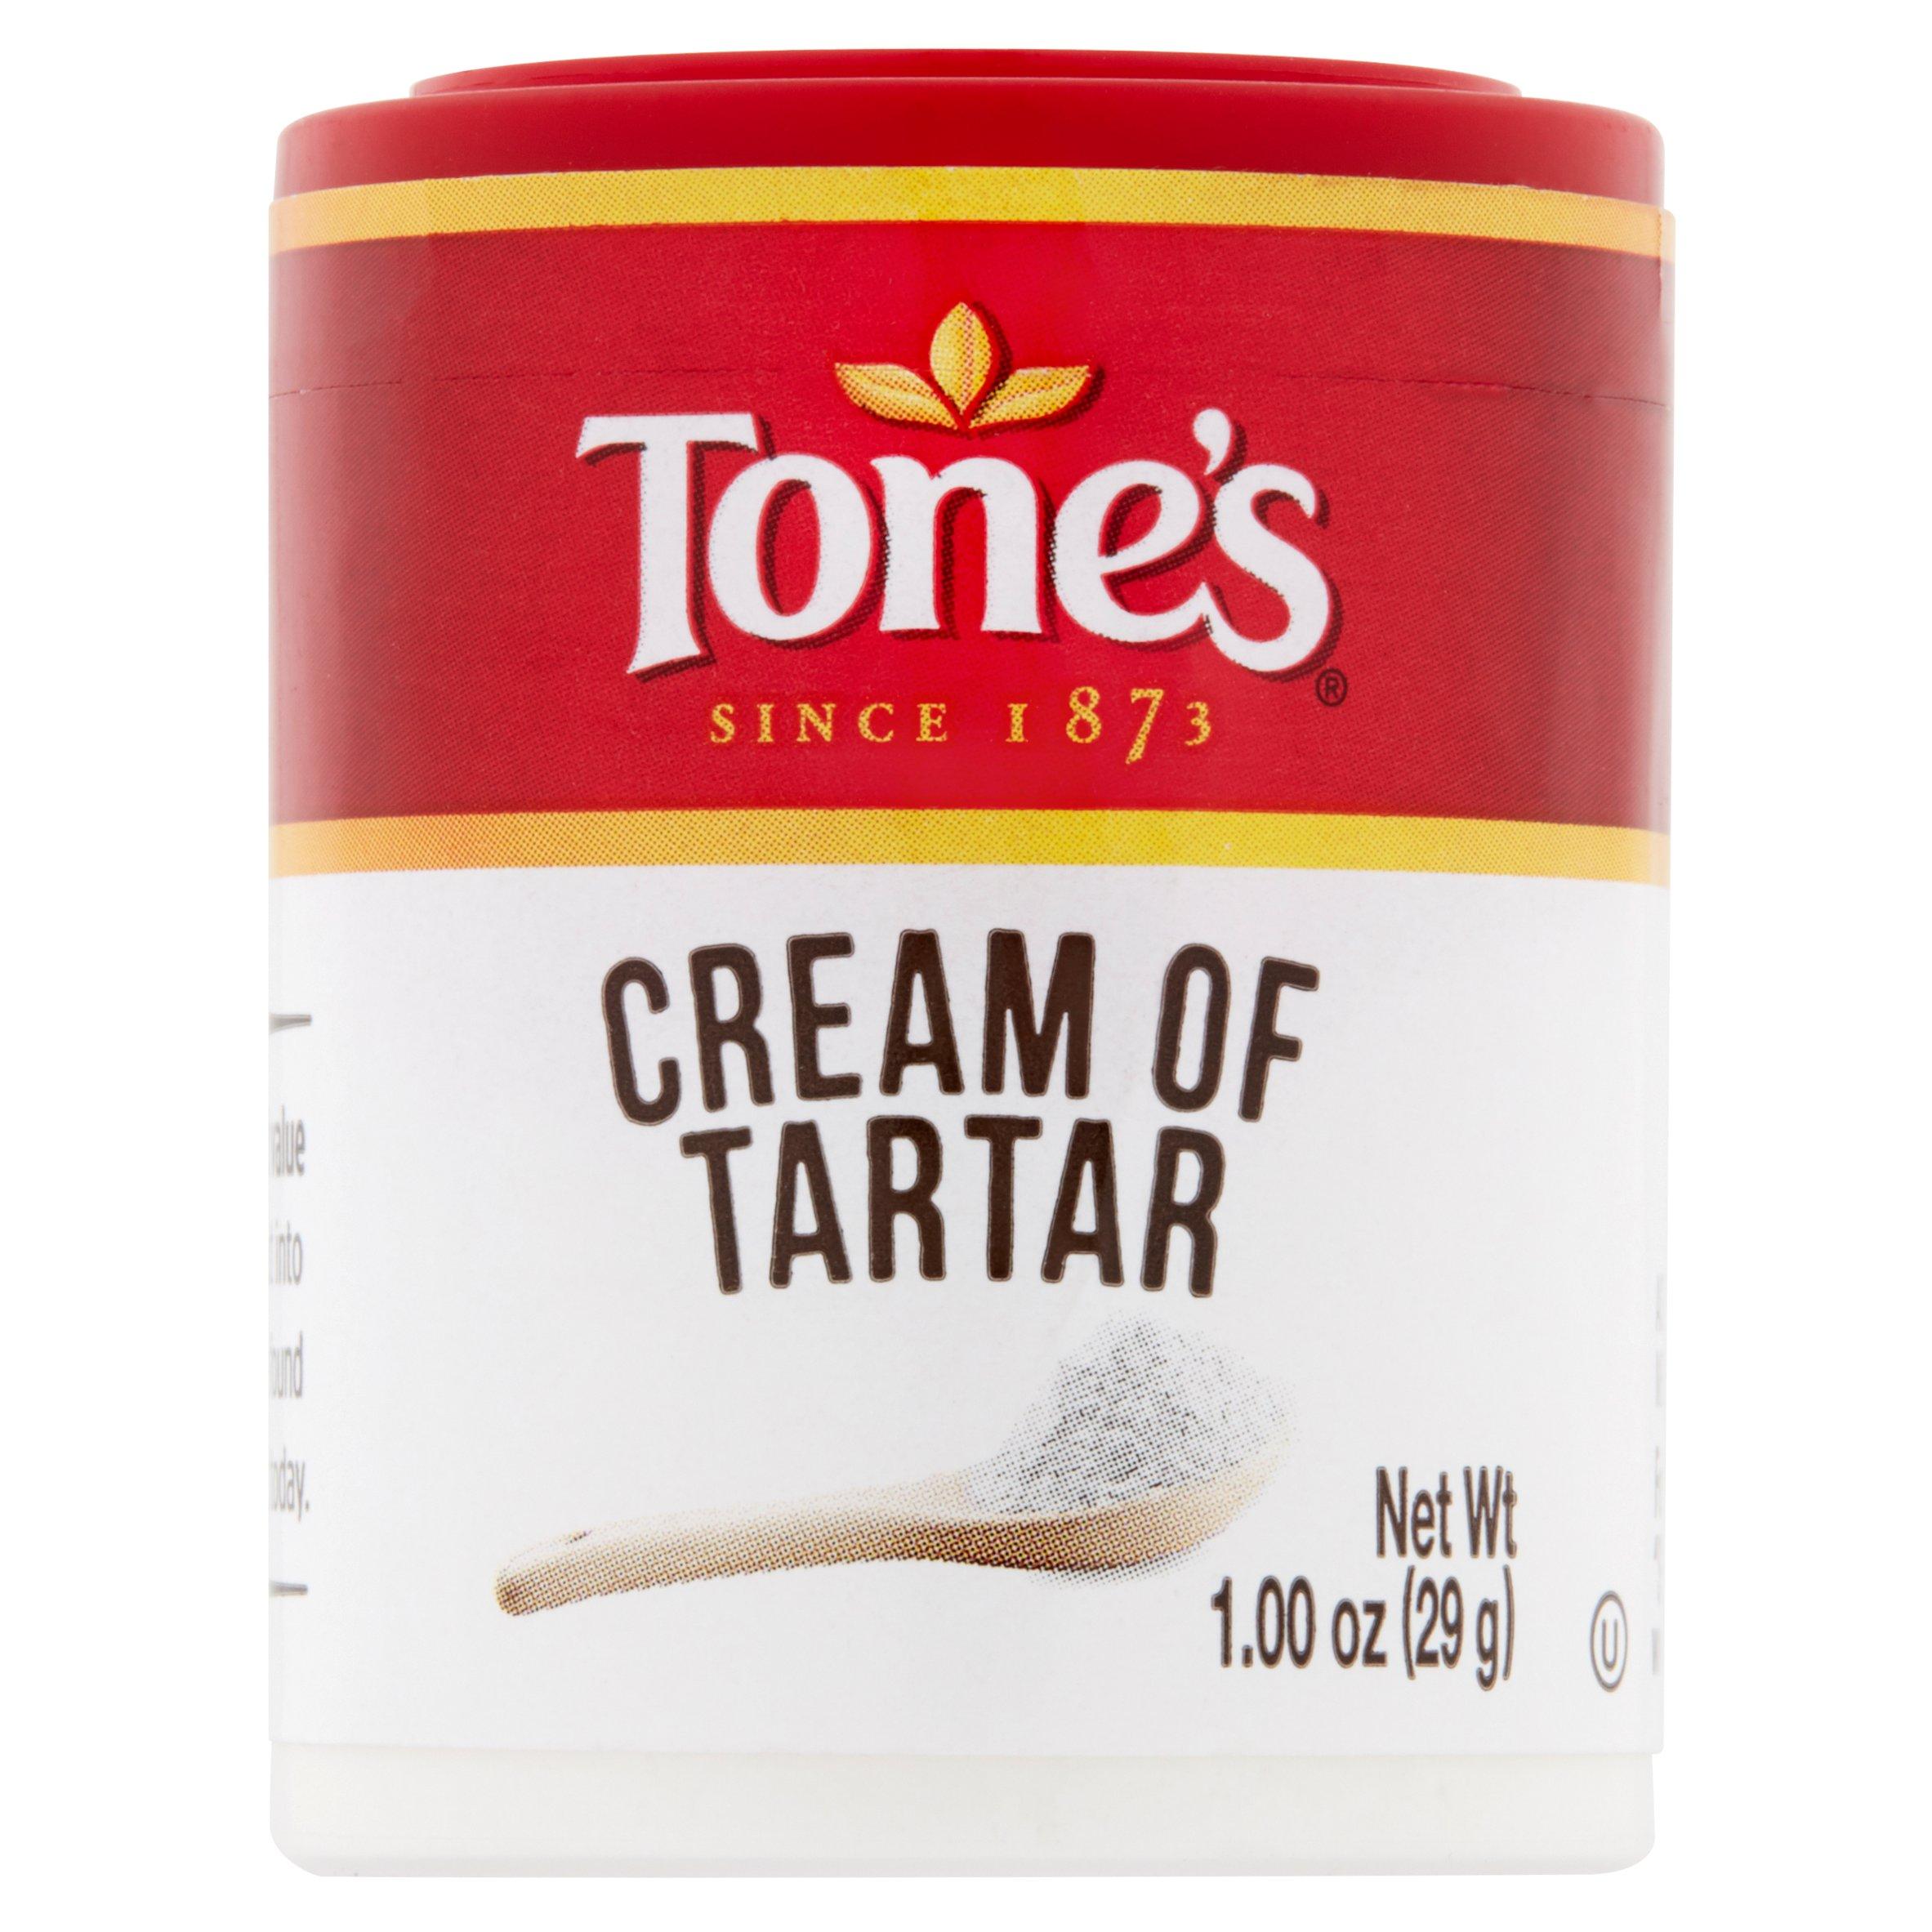 (4 Pack) Tone's Cream of Tartar, 1.00 oz